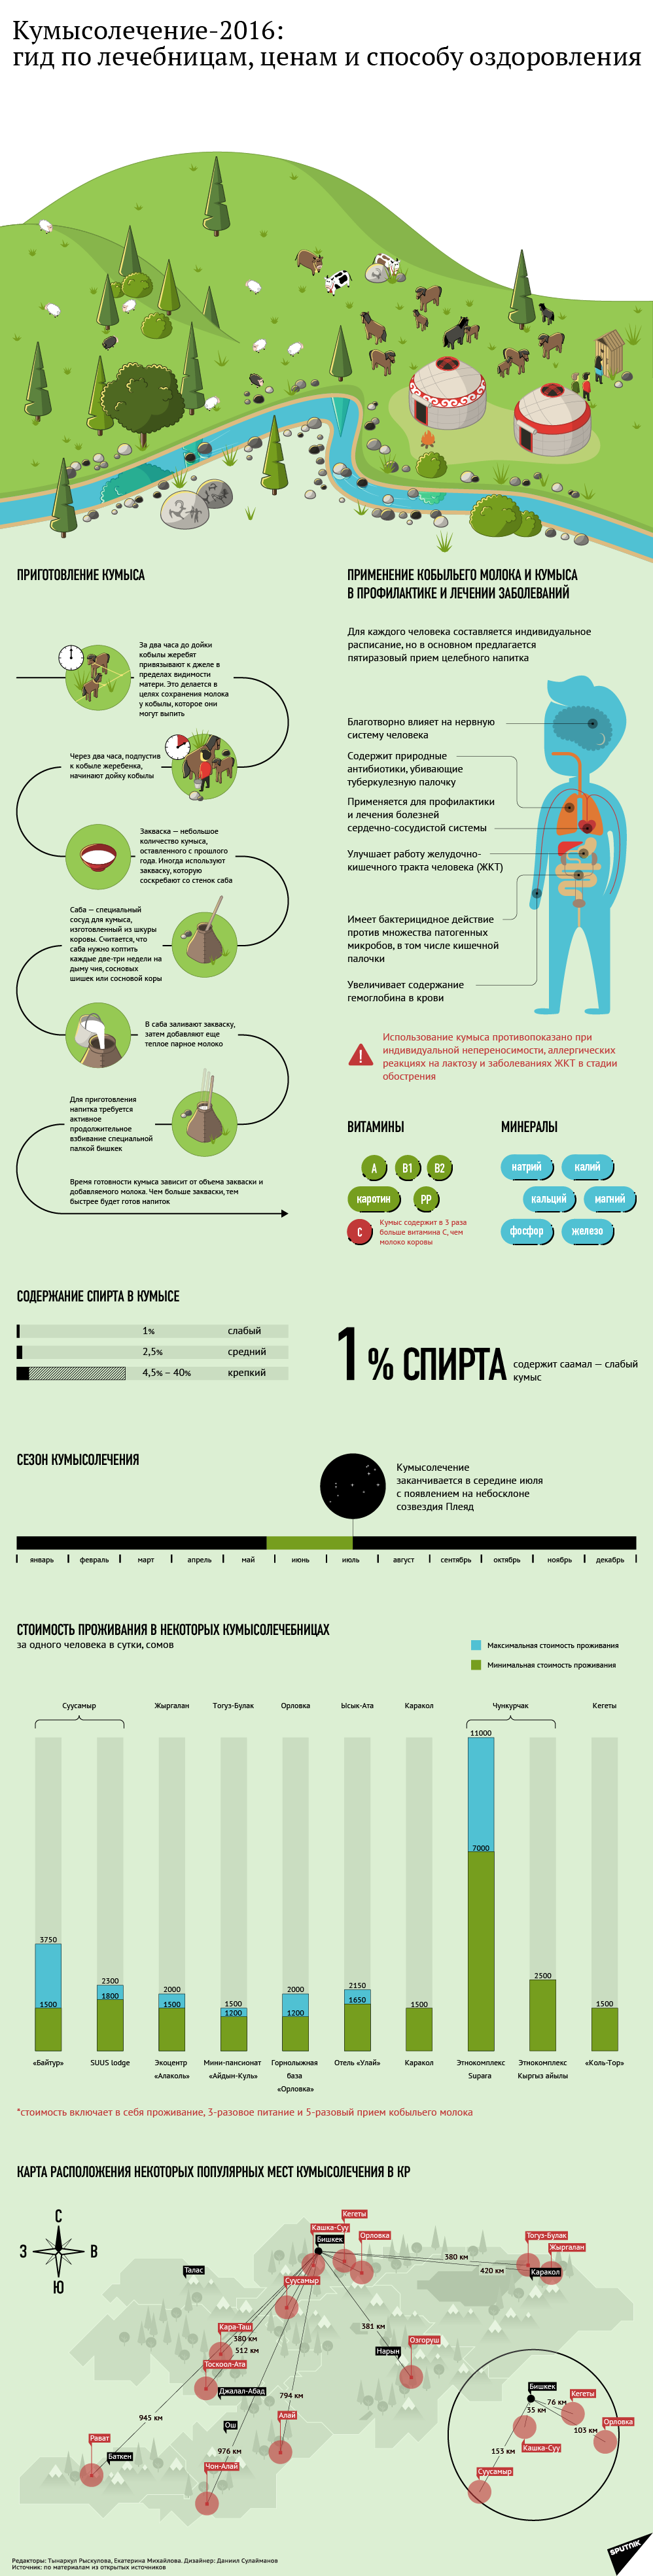 Кумысолечение-2016: гид по лечебницам, ценам и способу оздоровления